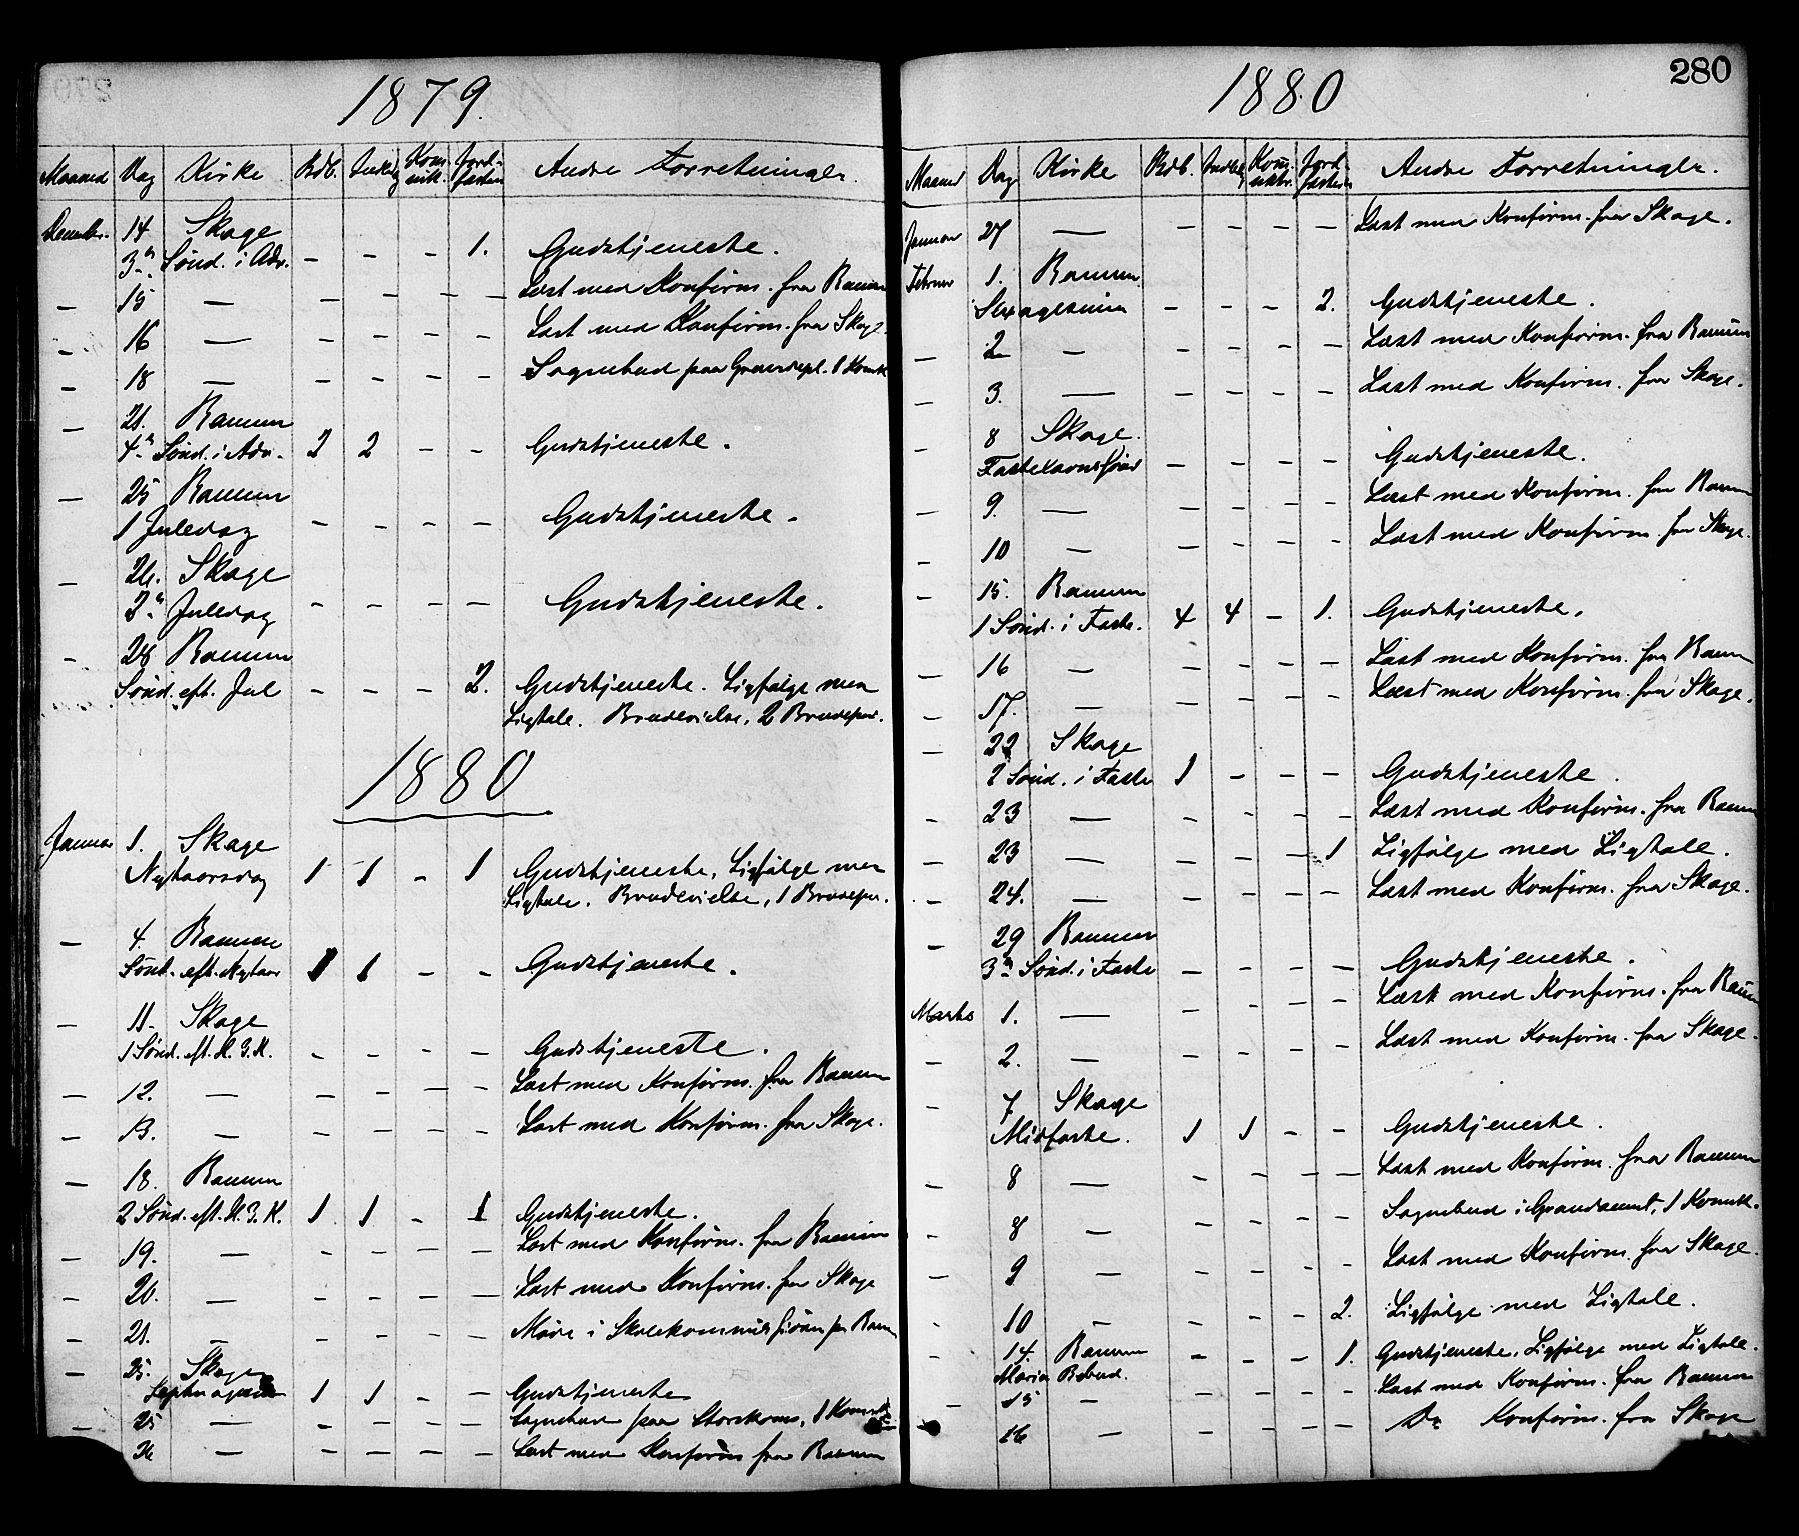 SAT, Ministerialprotokoller, klokkerbøker og fødselsregistre - Nord-Trøndelag, 764/L0554: Ministerialbok nr. 764A09, 1867-1880, s. 280